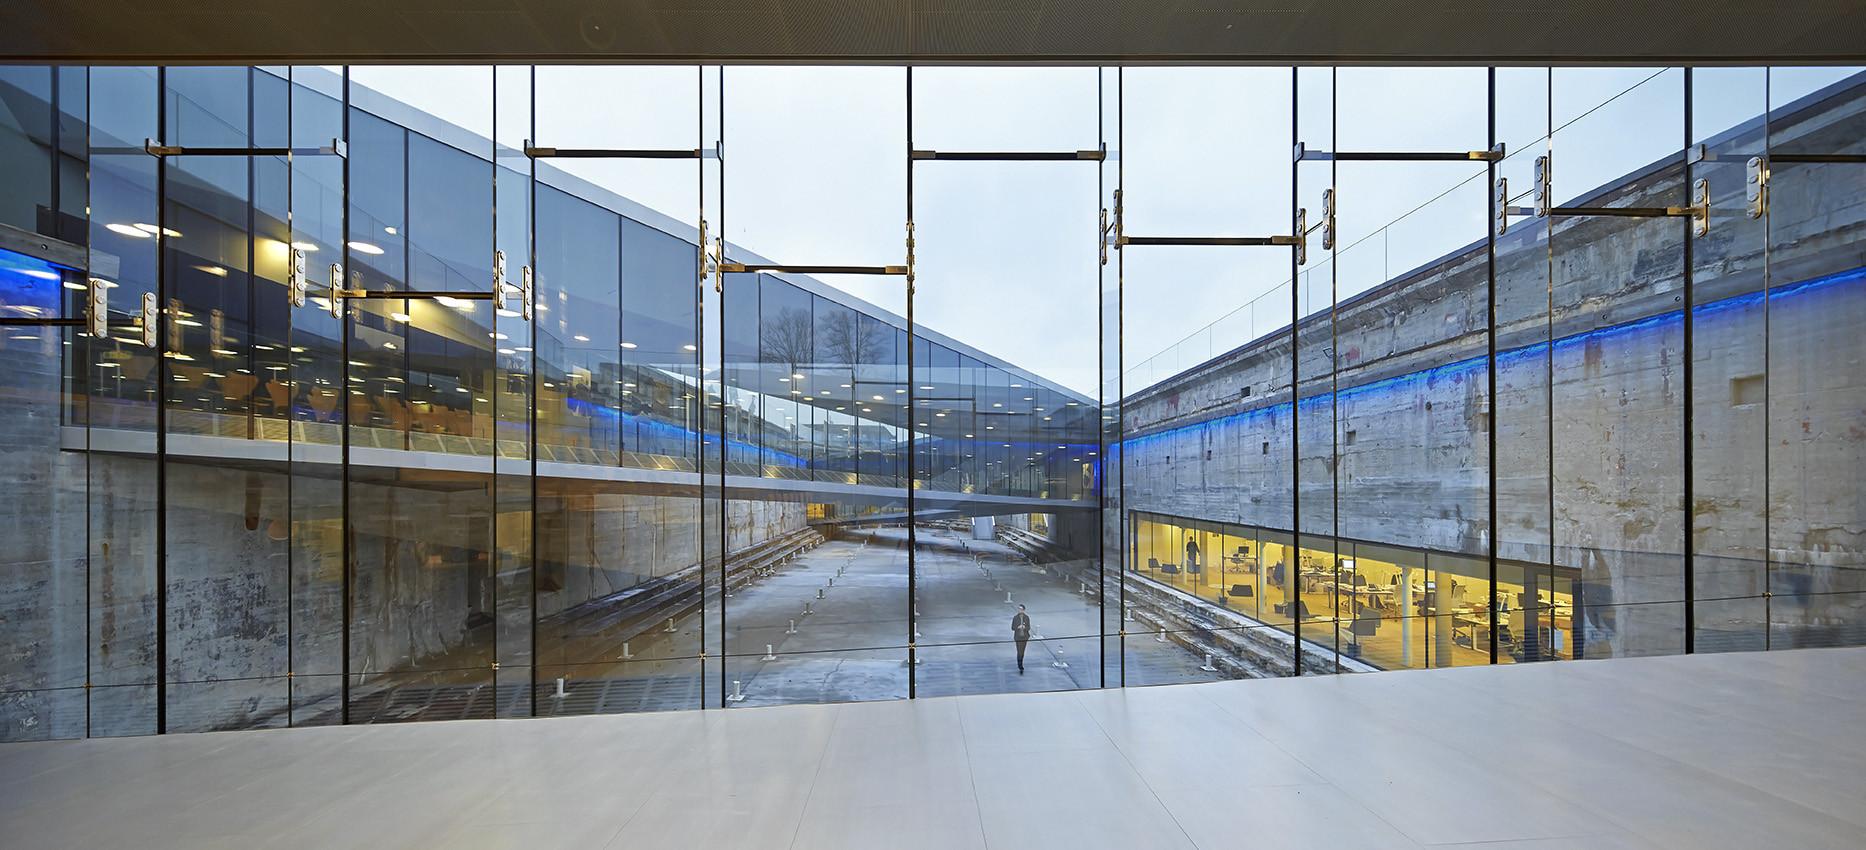 Museo Marítimo Danés por BIG. Fotografía © Hufton + Crow